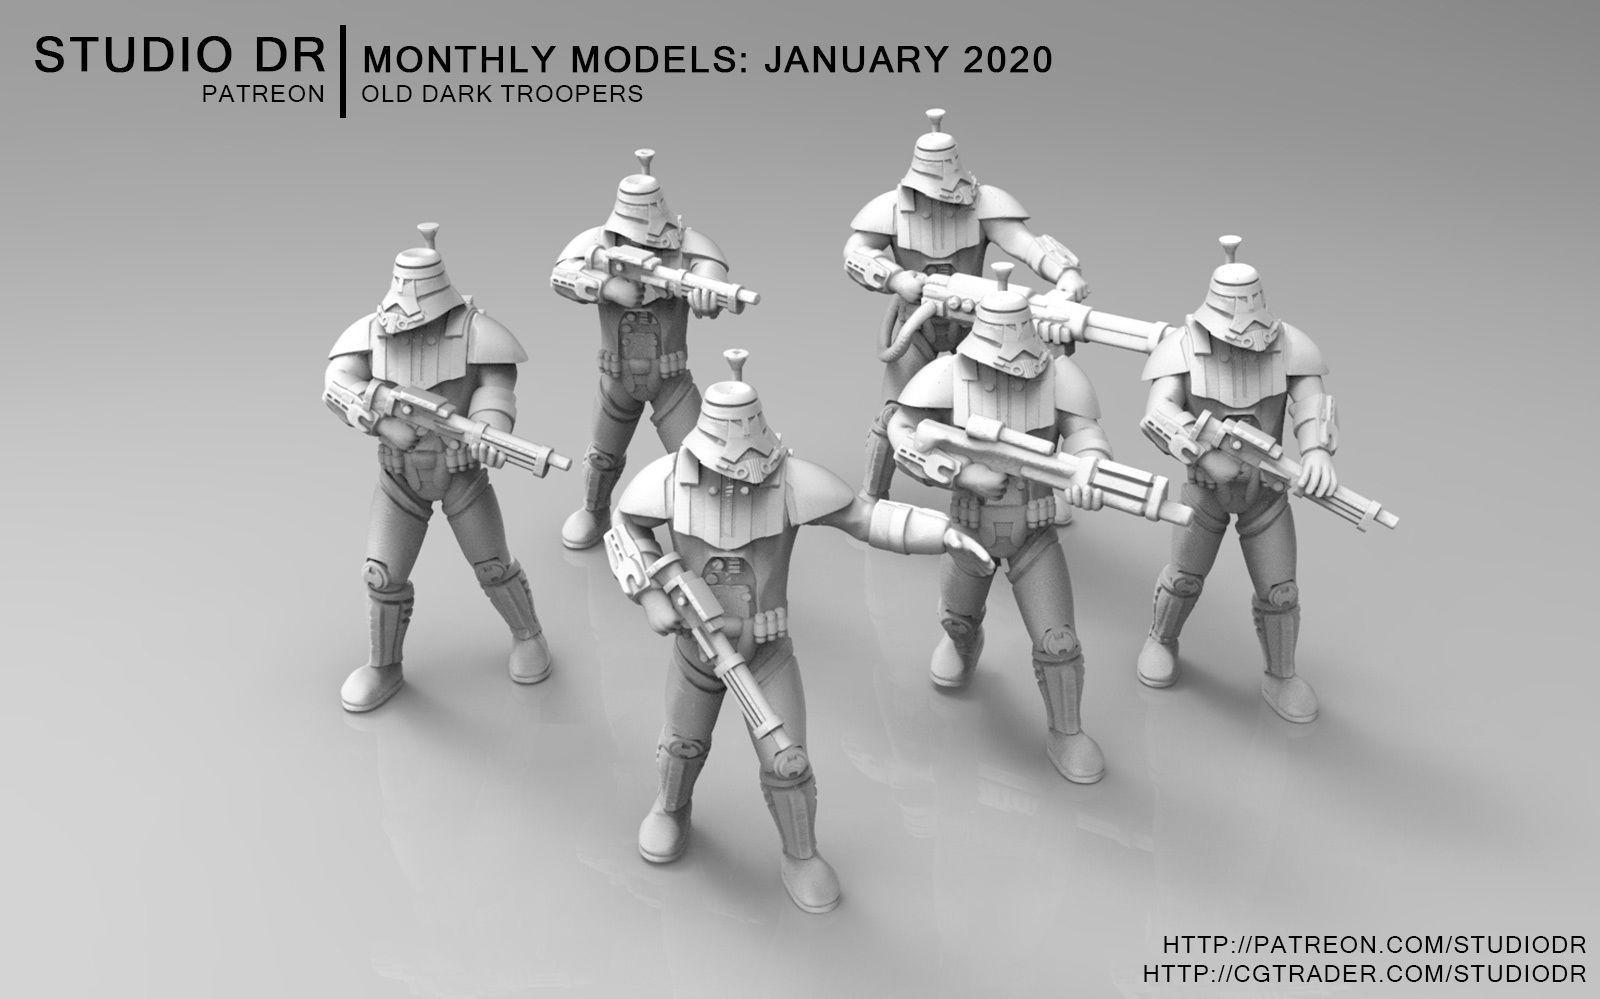 Old Dark Troopers